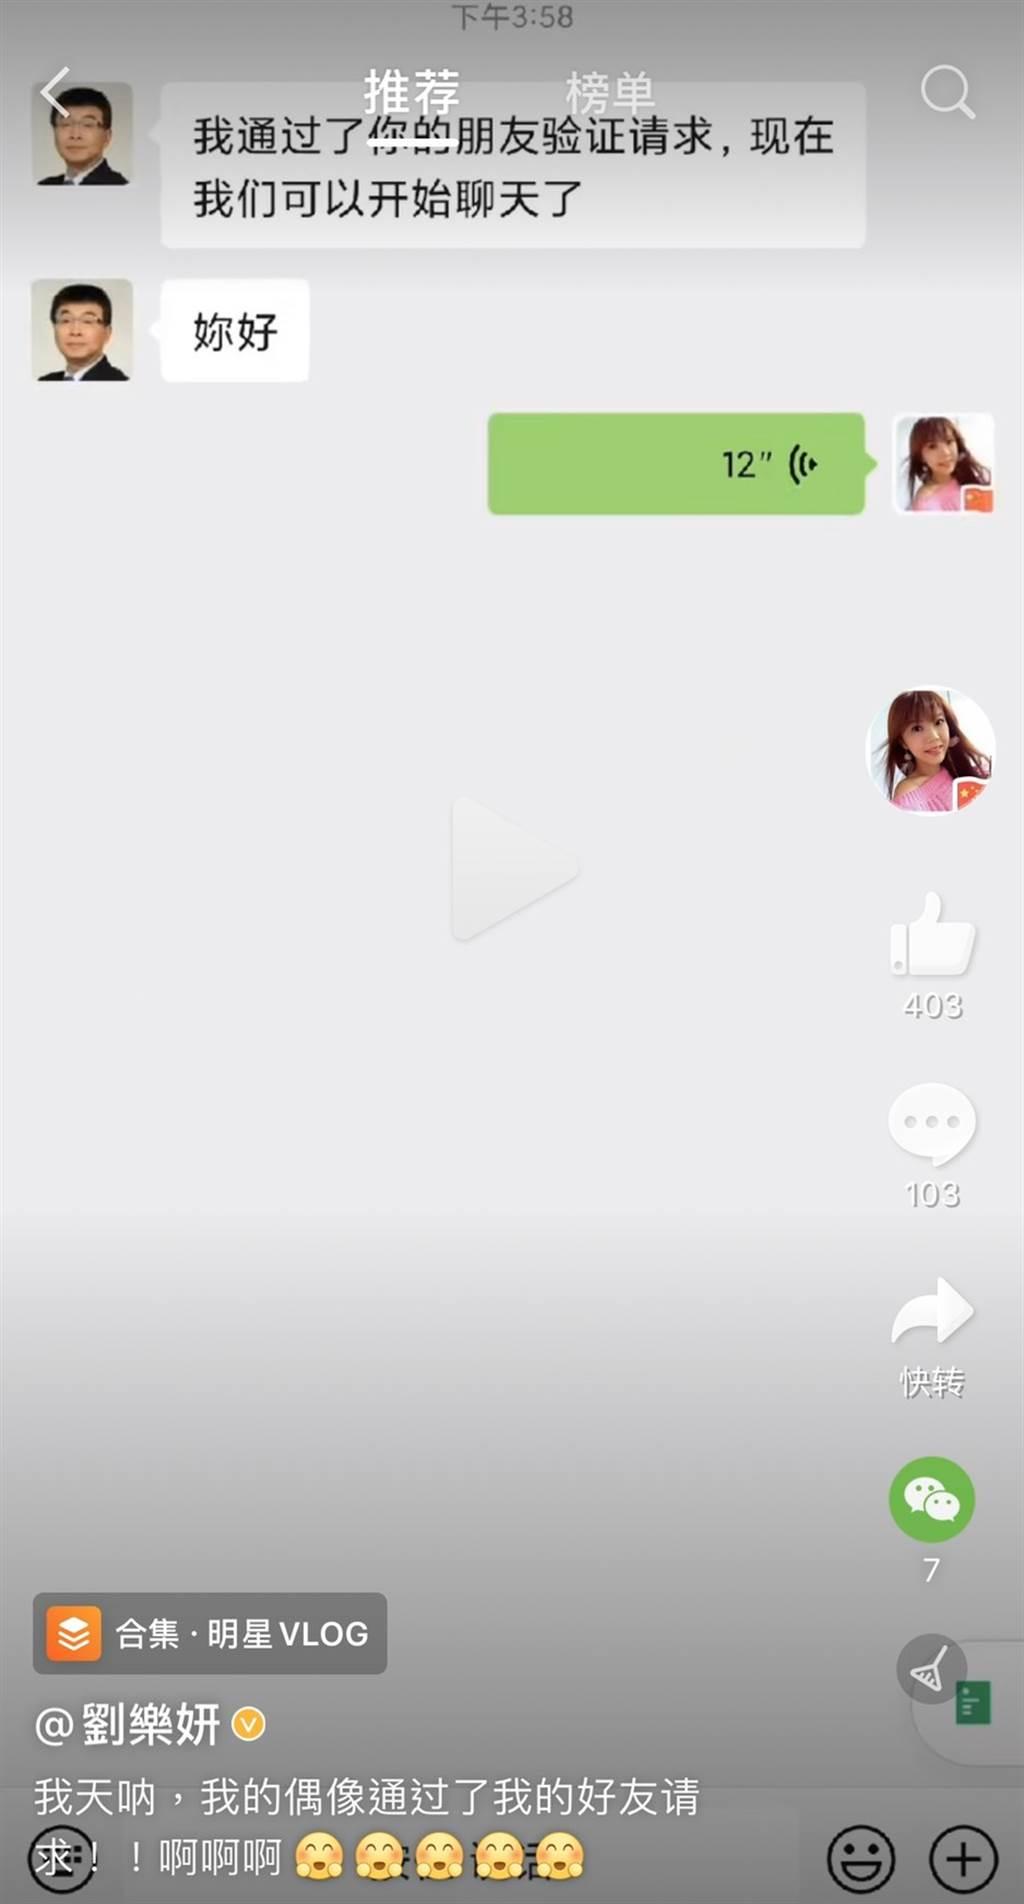 刘乐妍兴奋po文,说跟「偶像」互加好友成功。(翻摄自刘乐妍微博)